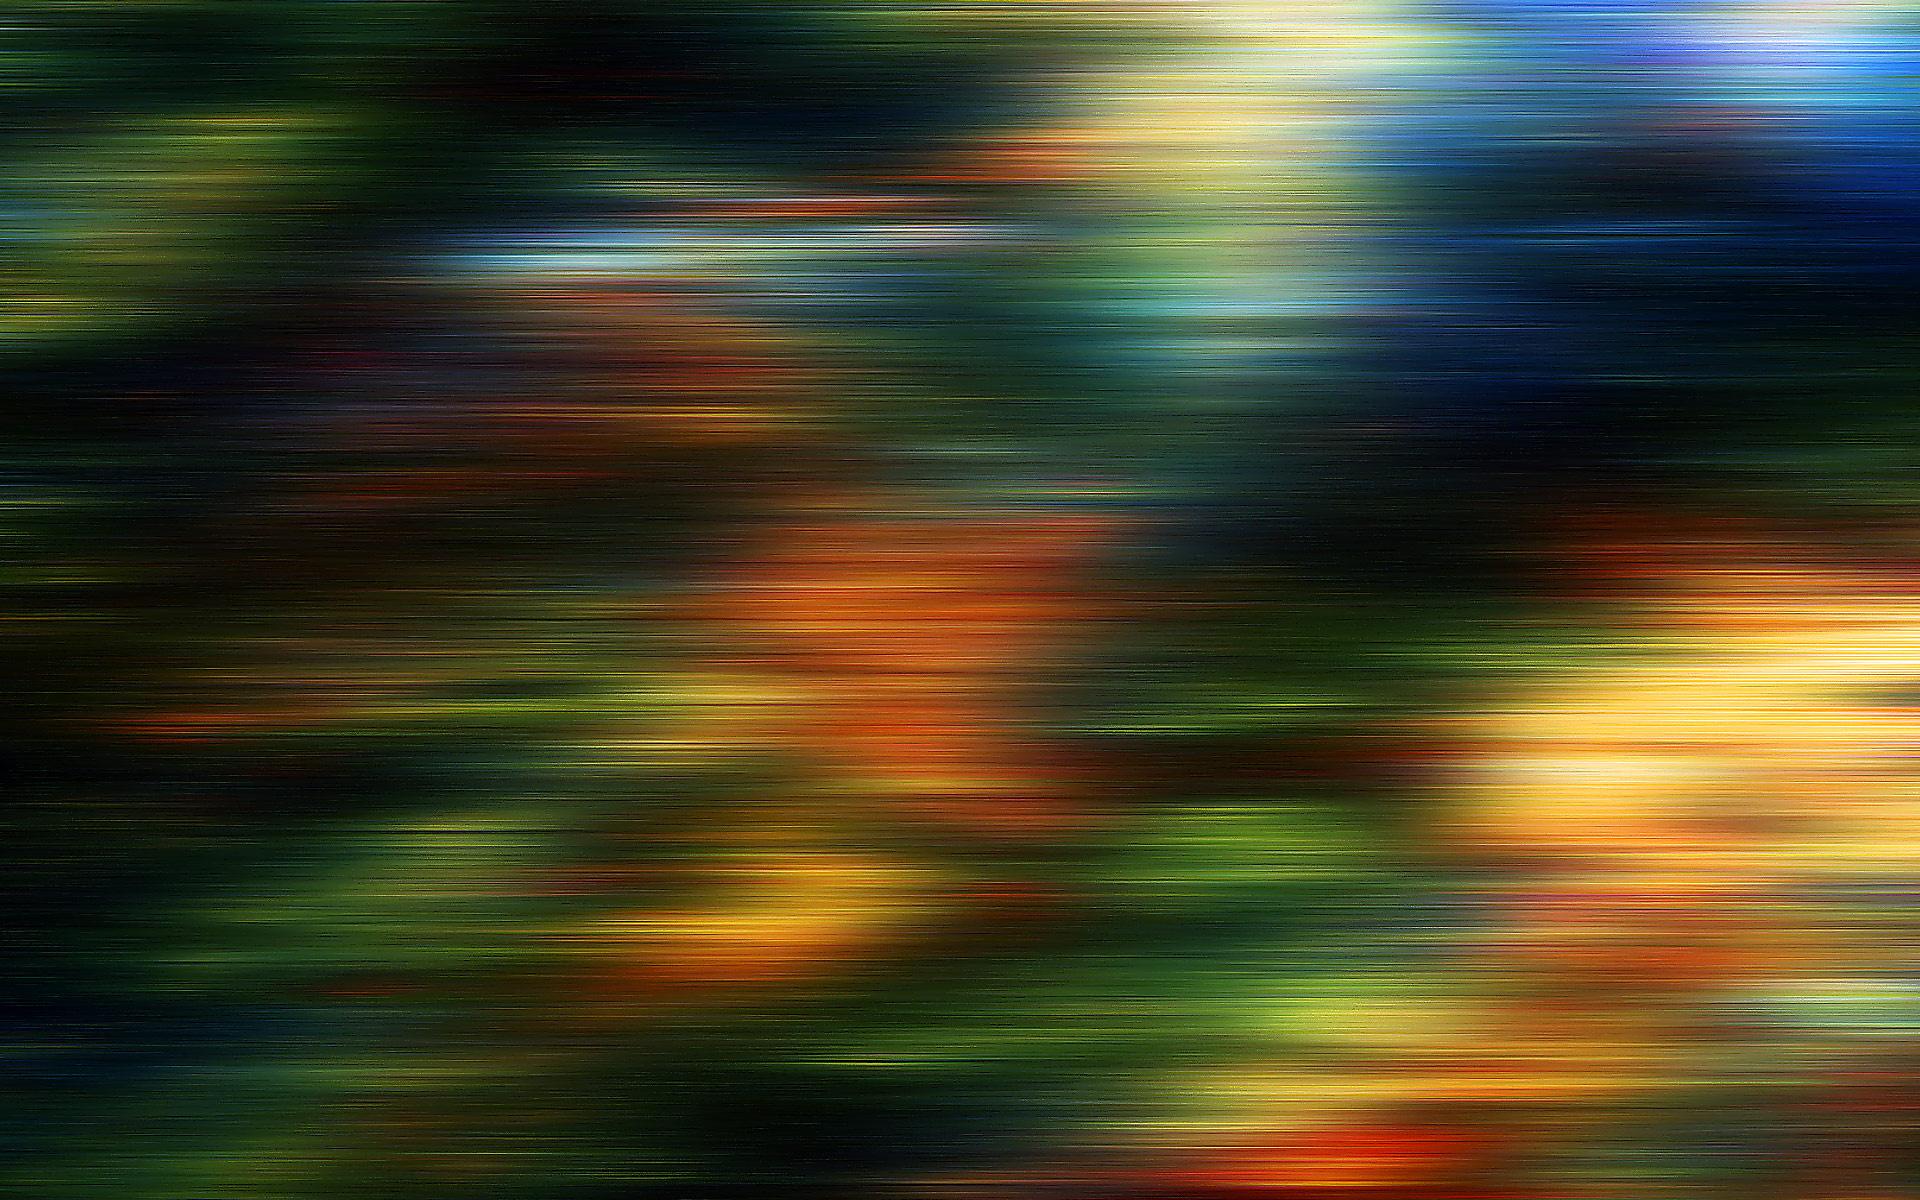 графика абстракция текстуры размытость бесплатно